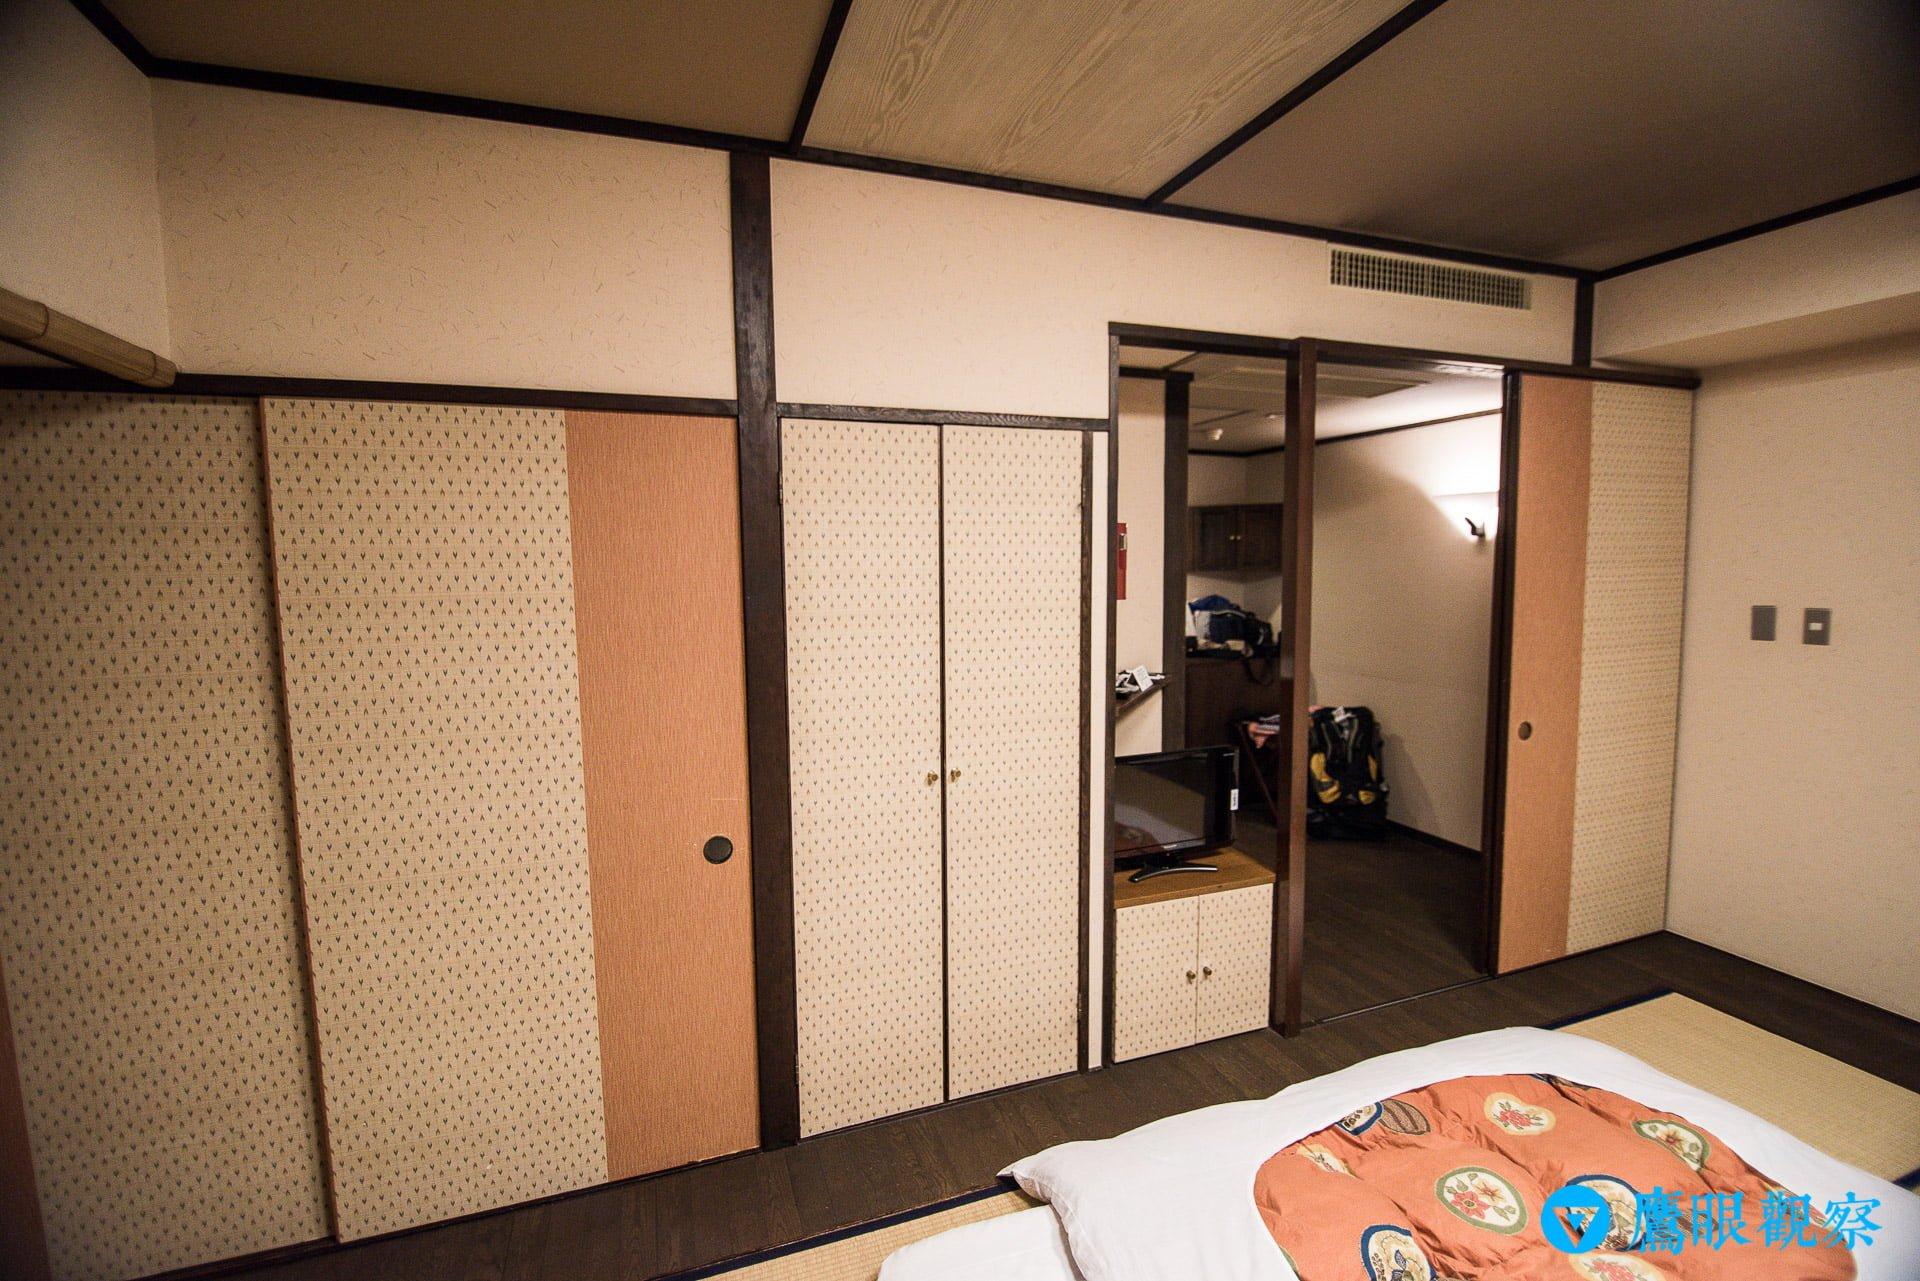 travel Japan gunma kishigon ryokan hotel in izumo spa hot spring 39 群馬縣伊香保溫泉「岸權旅館」日本旅館住宿推薦